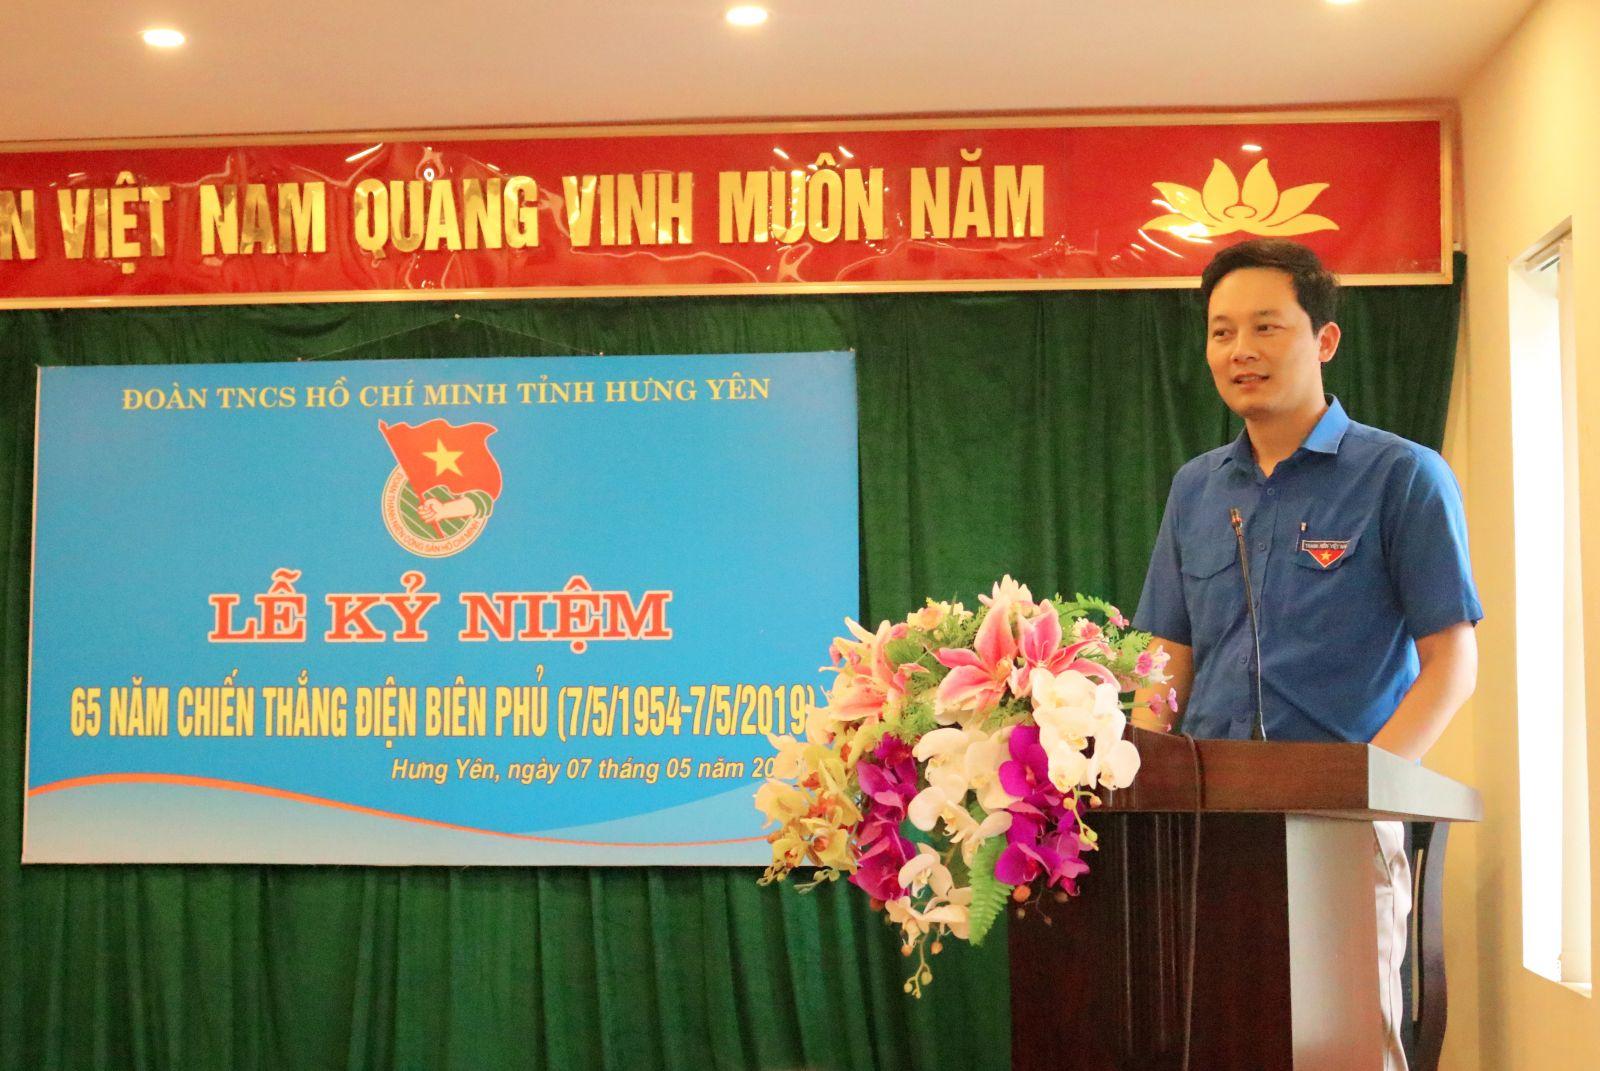 Ban Thường vụ Tỉnh đoàn tổ chức kỷ niệm 65 năm chiến thắng Điện Biên phủ (7/5/1954 – 7/5/2019)